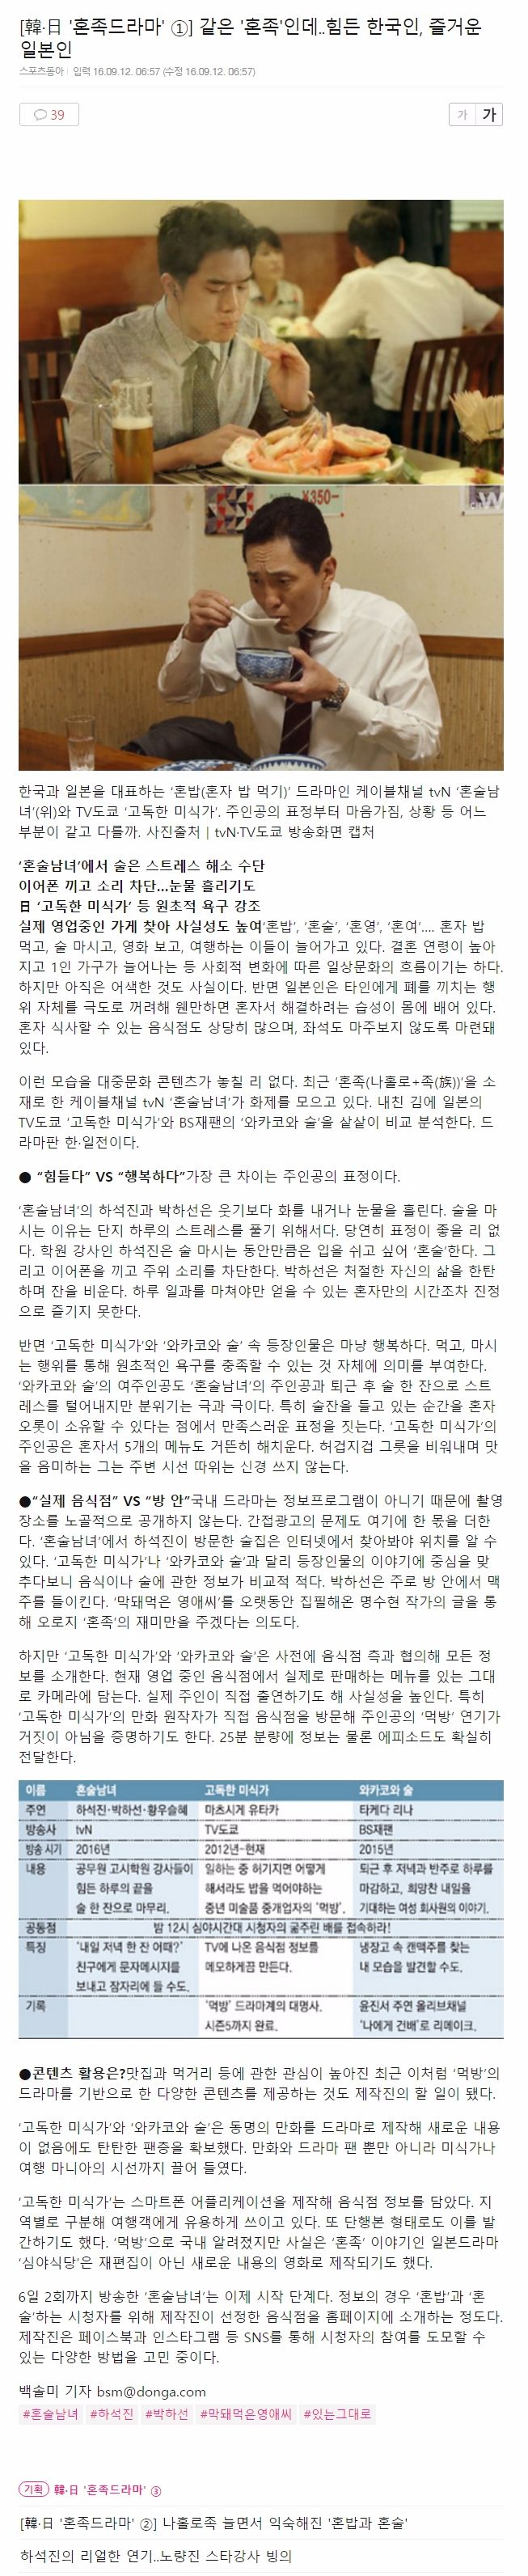 [韓·日 '혼족드라마' ①] 같은 '혼족'인데..힘든 한국인, 즐거운 일본인